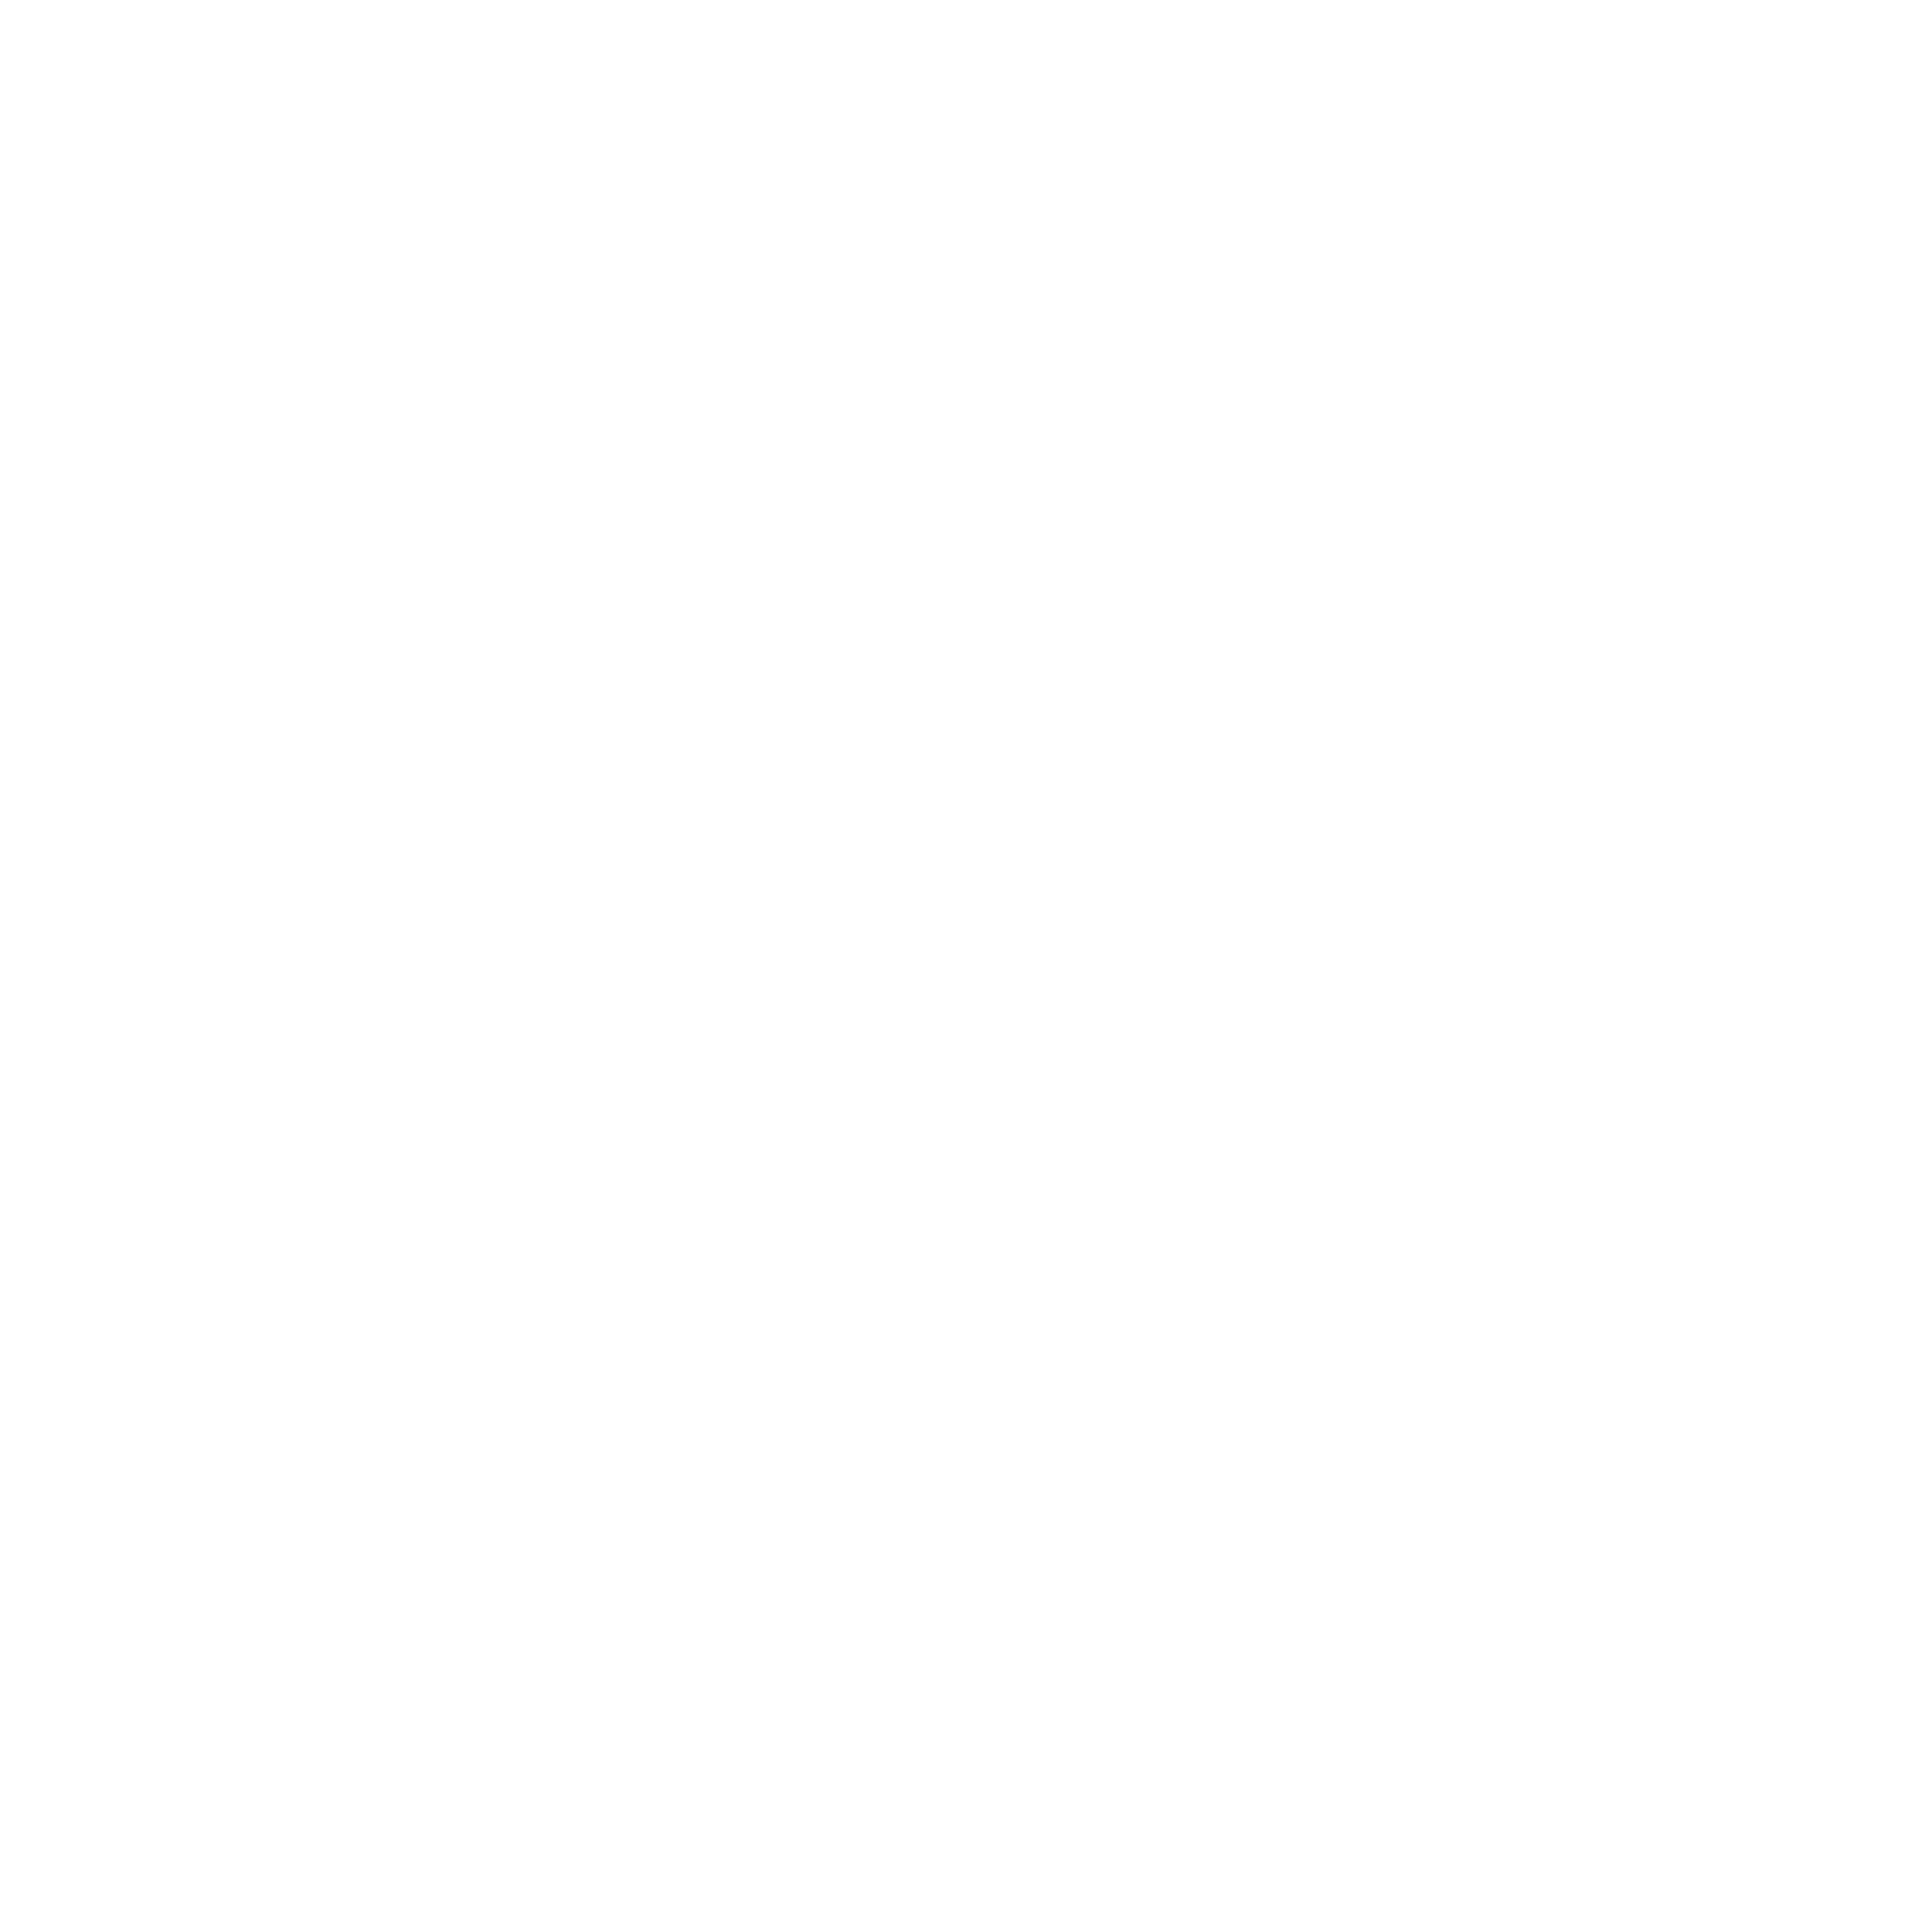 Logotype_03-01.png